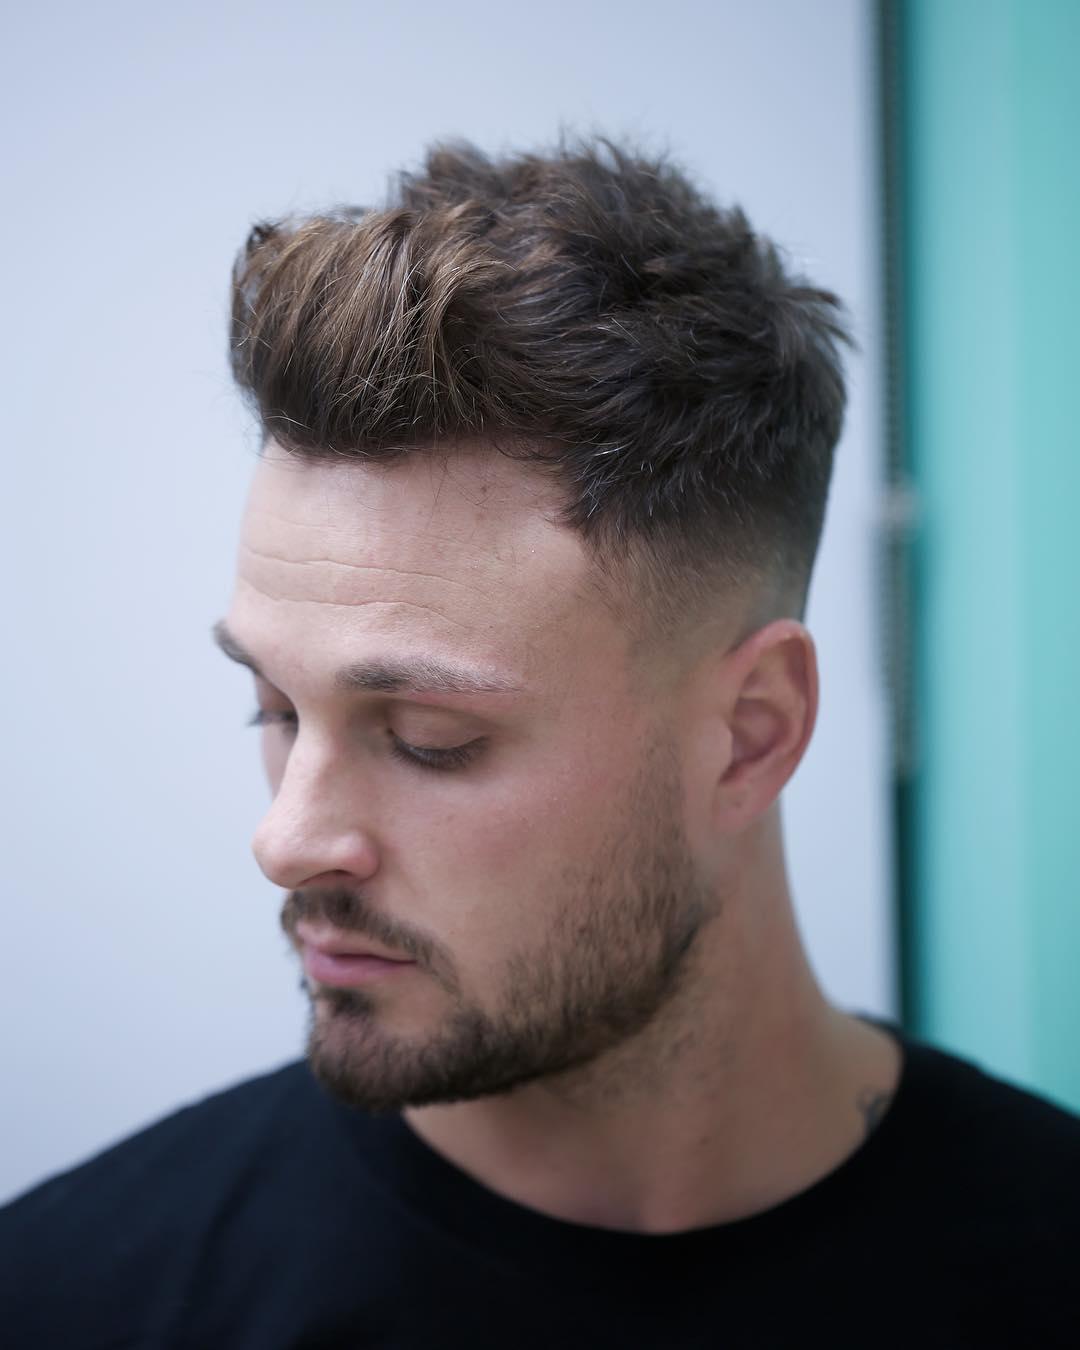 tombaxter_hair cool quiff haircut for men